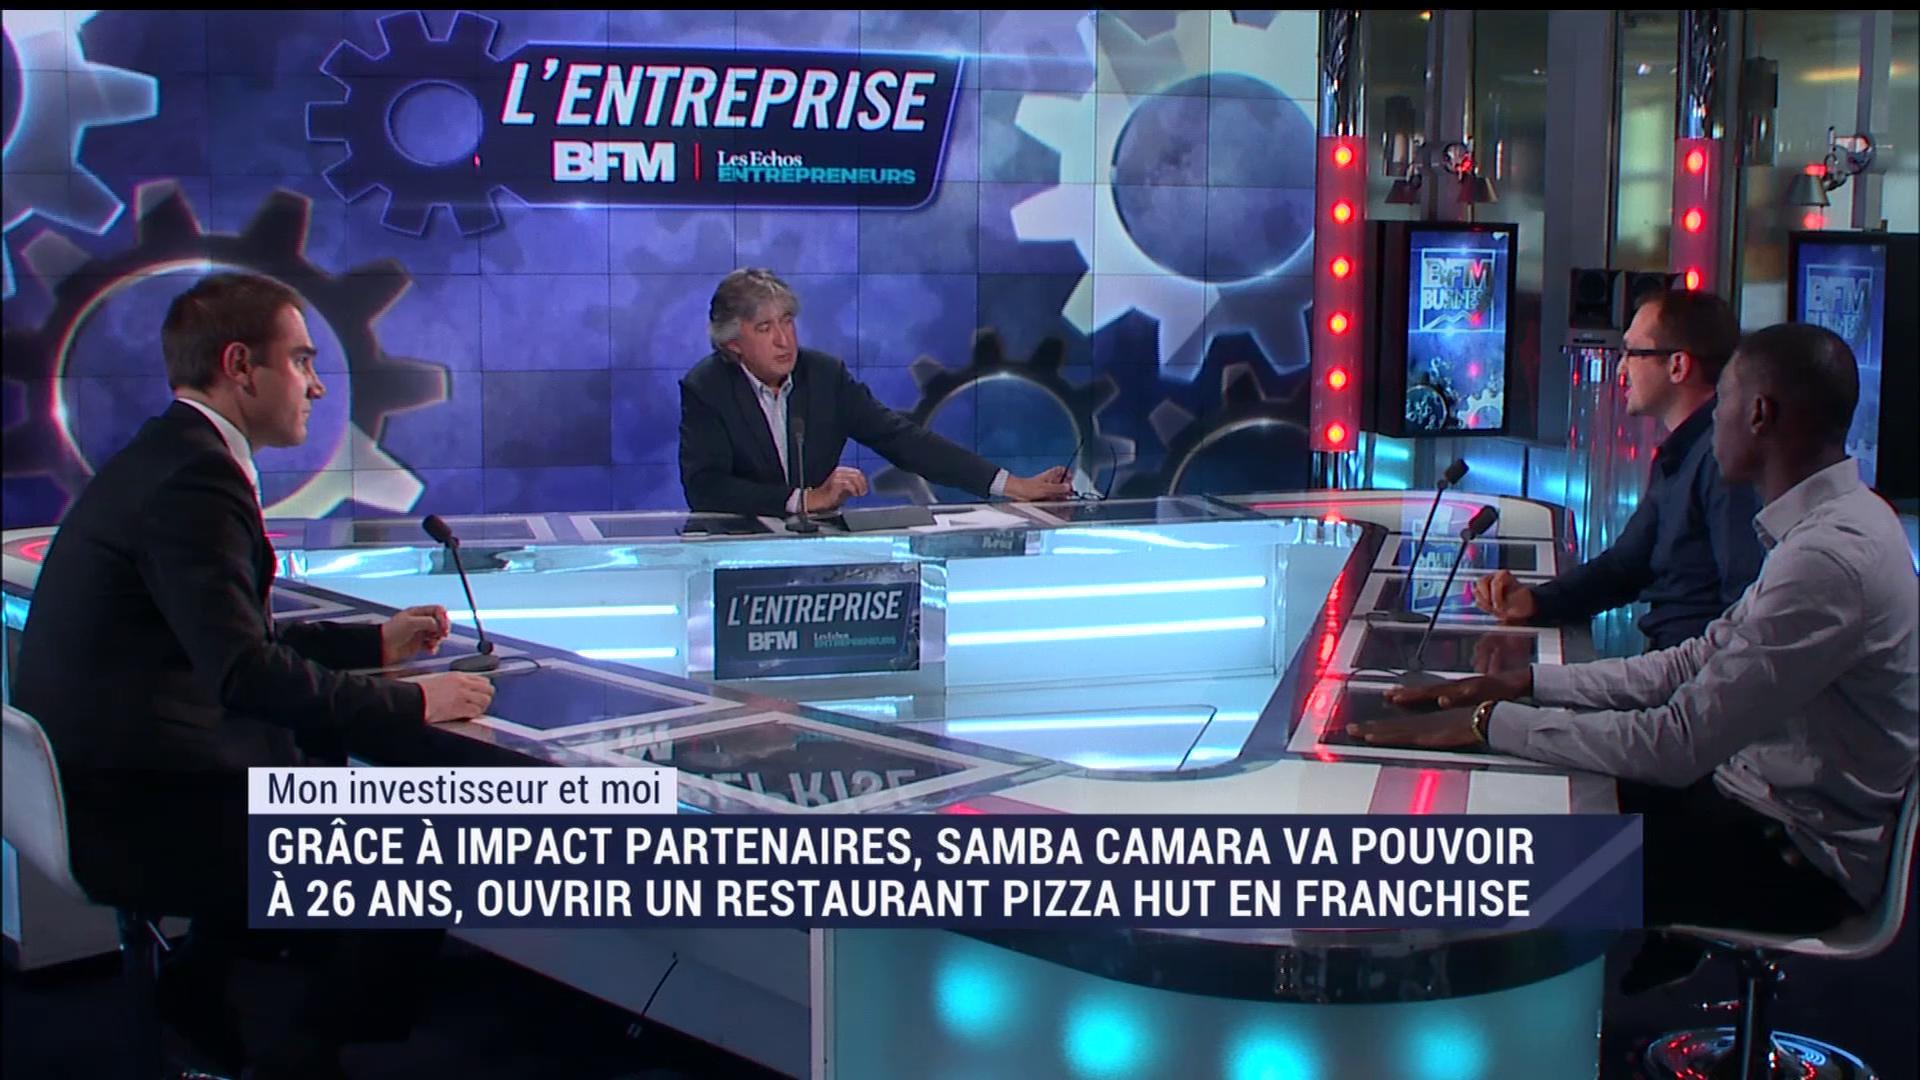 Entretien TV - deux futurs franchisés accompagnés par Monte Ta Franchise